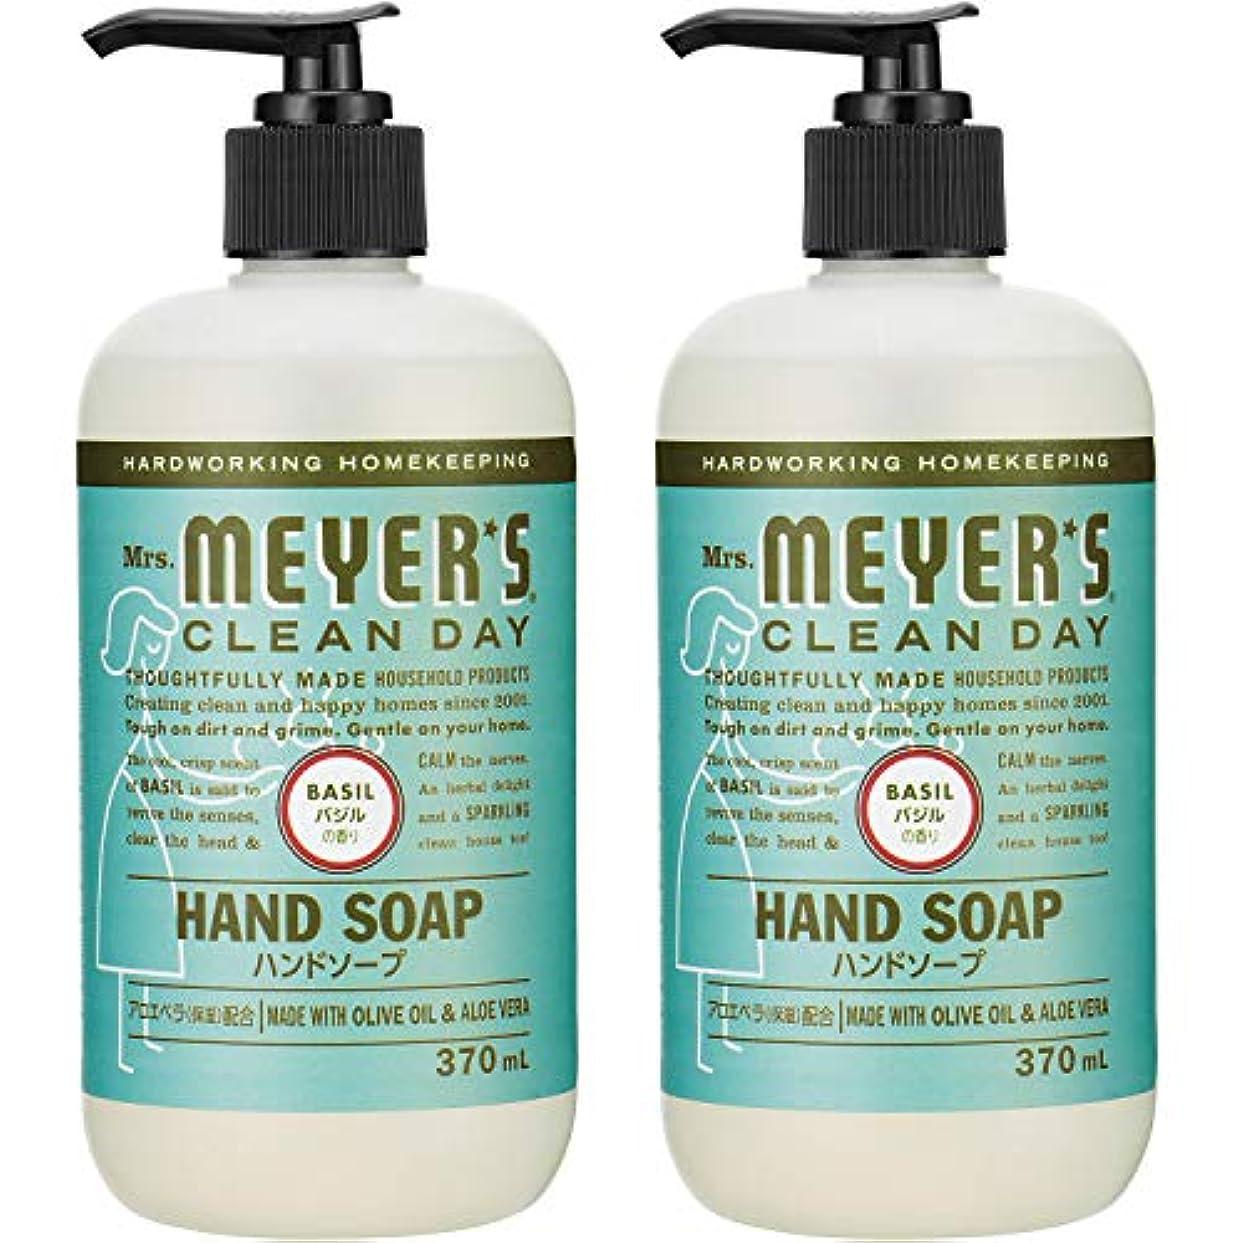 特派員ボート卒業Mrs. MEYER'S CLEAN DAY(ミセスマイヤーズ クリーンデイ) ミセスマイヤーズ クリーンデイ(Mrs.Meyers Clean Day) ハンドソープ バジルの香り 370ml×2個